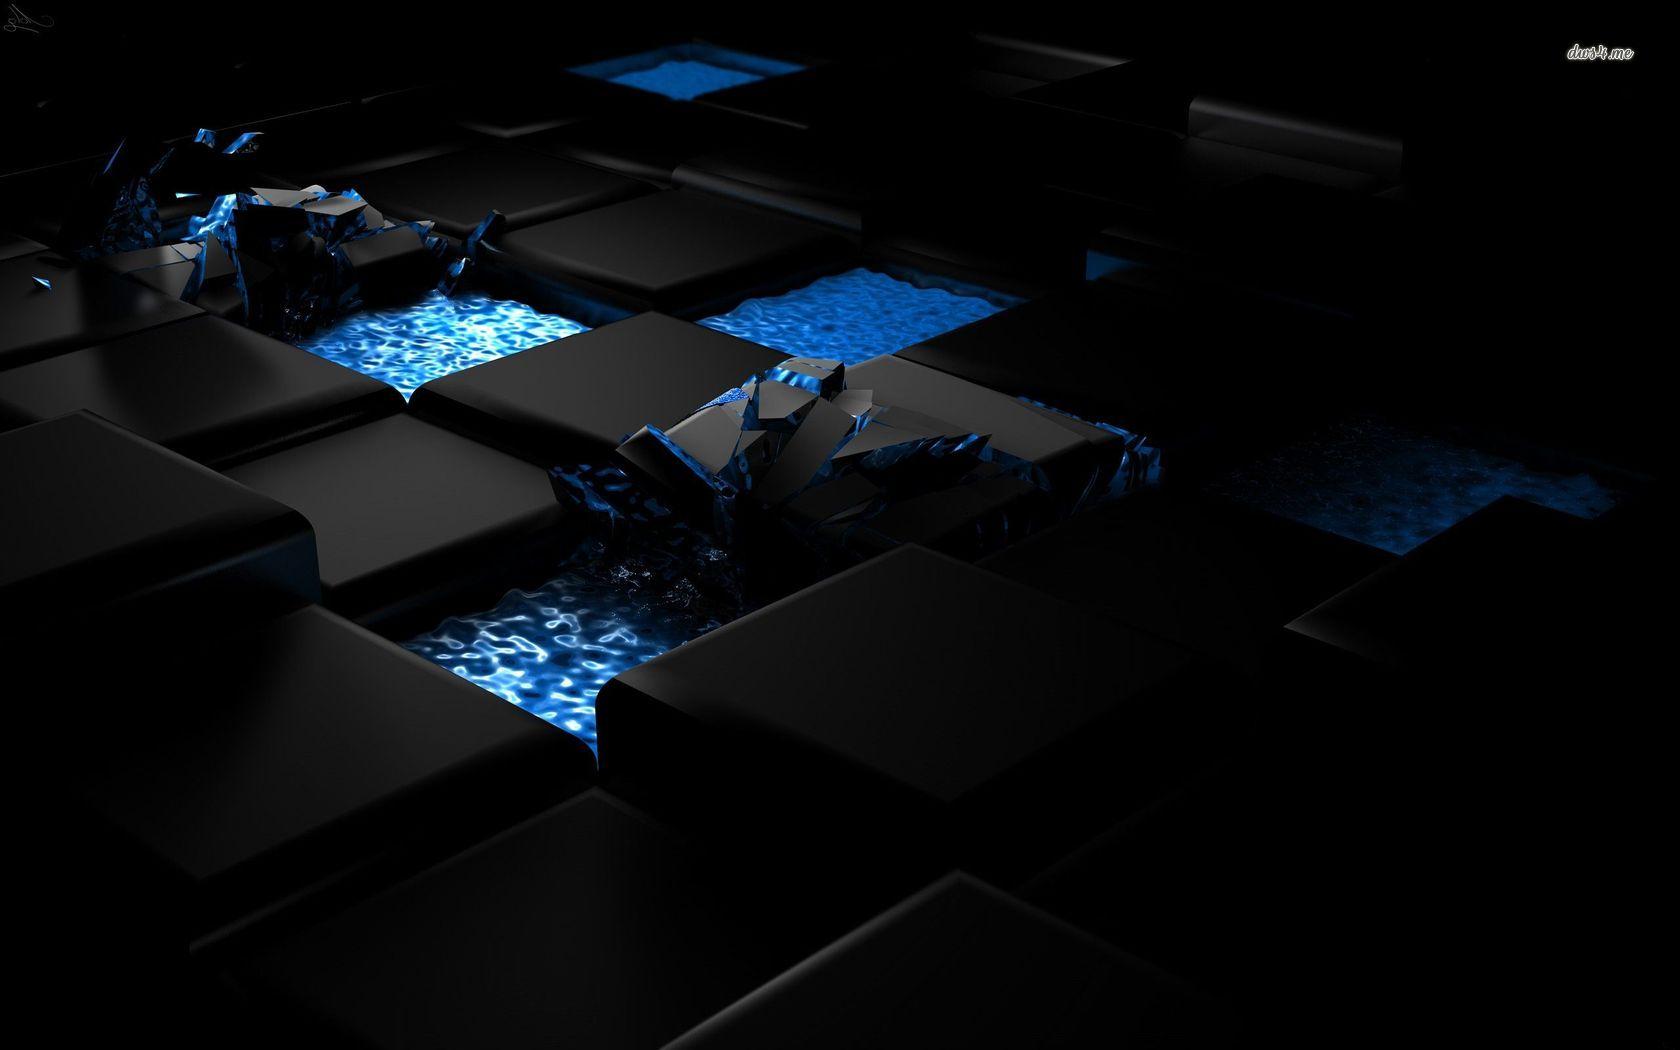 Black Cube Wallpaper Wallpapersafari